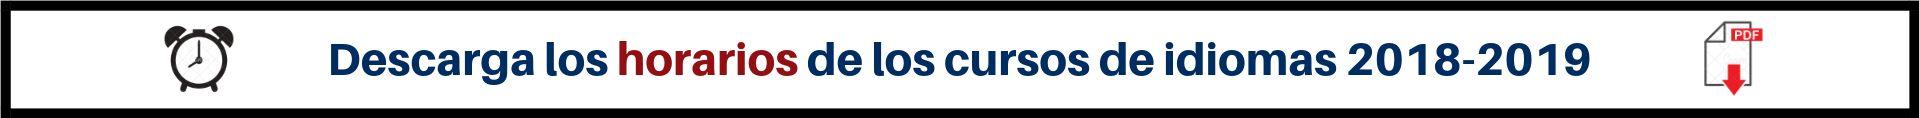 Horarios curso 2018-2019 banner